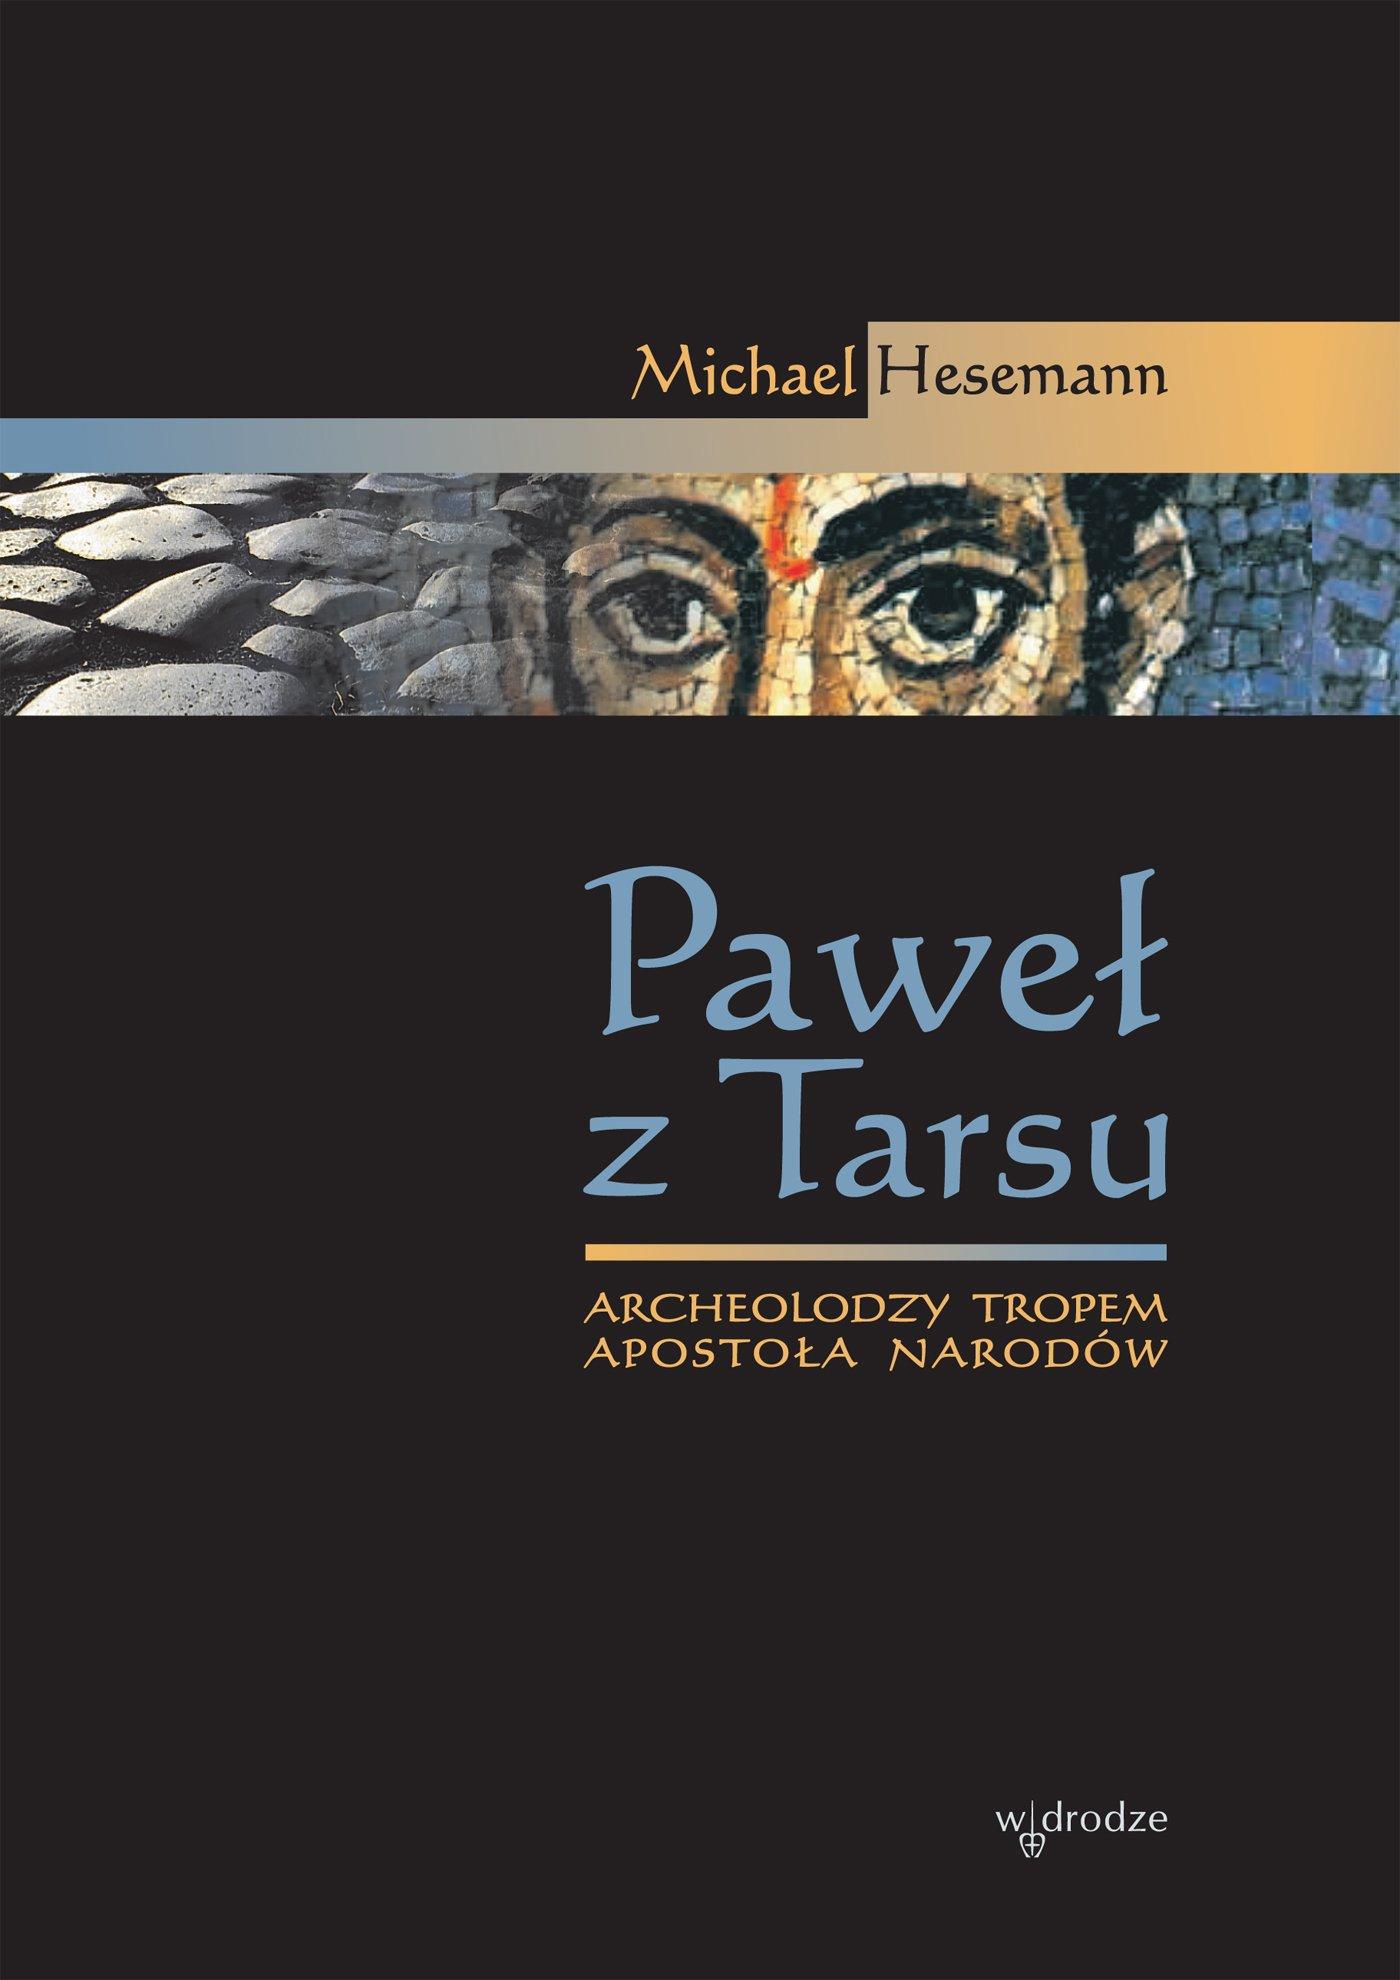 Paweł z Tarsu. Archeolodzy tropem Apostoła Narodów - Ebook (Książka na Kindle) do pobrania w formacie MOBI